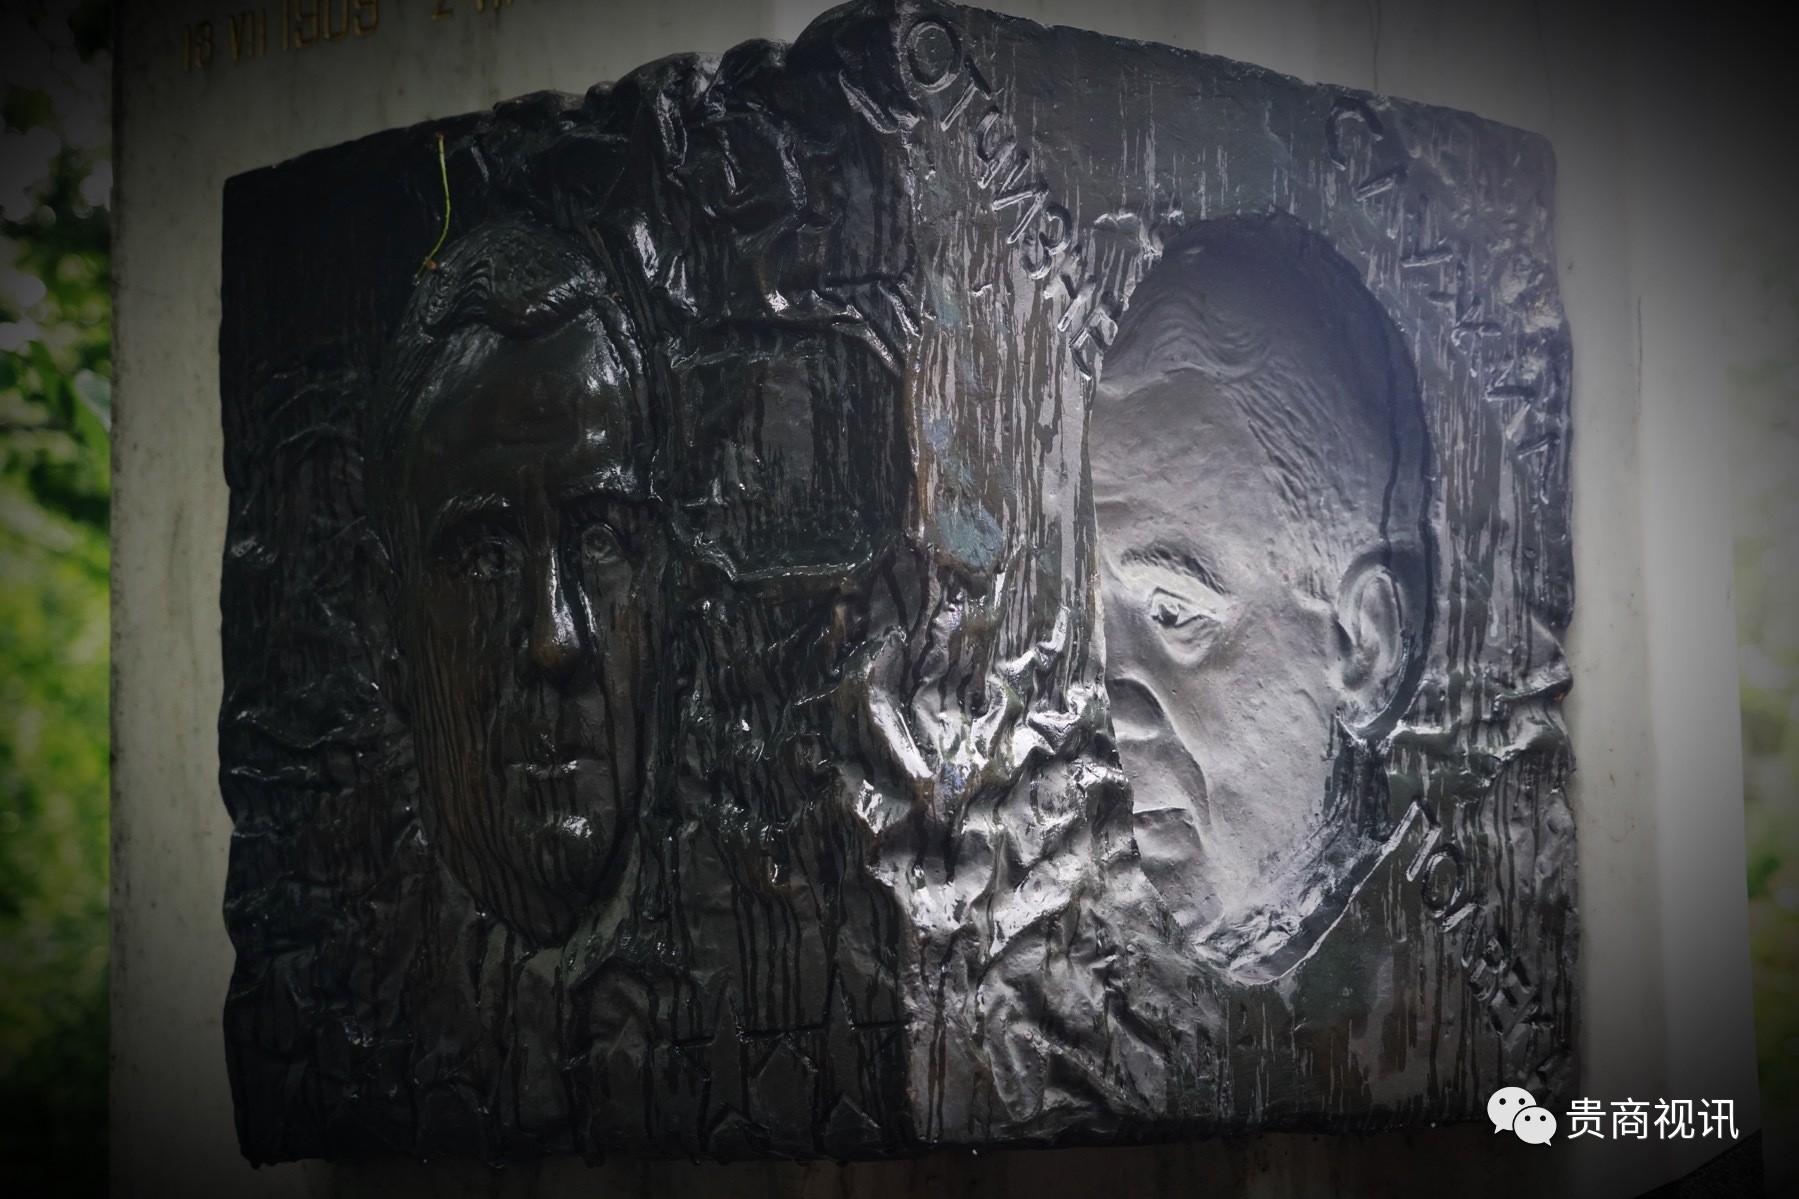 """葛罗米柯(1985―1988)凸凹两面雕像  政坛上的不倒翁  他担任苏联外交部长长达 27年之久,从斯大林到契尔年科,五朝元老,历经无数云谲波诡的政治风浪,他对自己的国家和人民尽忠尽职,他在世界舞台上奸诈狡猾,有着过人的政治智慧。阴阳脸的雕塑完美地刻画了这一人物特点。凸凹两面雕像表明外交家不同的随机应变的两面形象,这就是苏联外交部长葛罗米柯的墓碑  由于苏联屡屡在安理会动用否决权,他获得""""摇头先生""""的绰号。"""